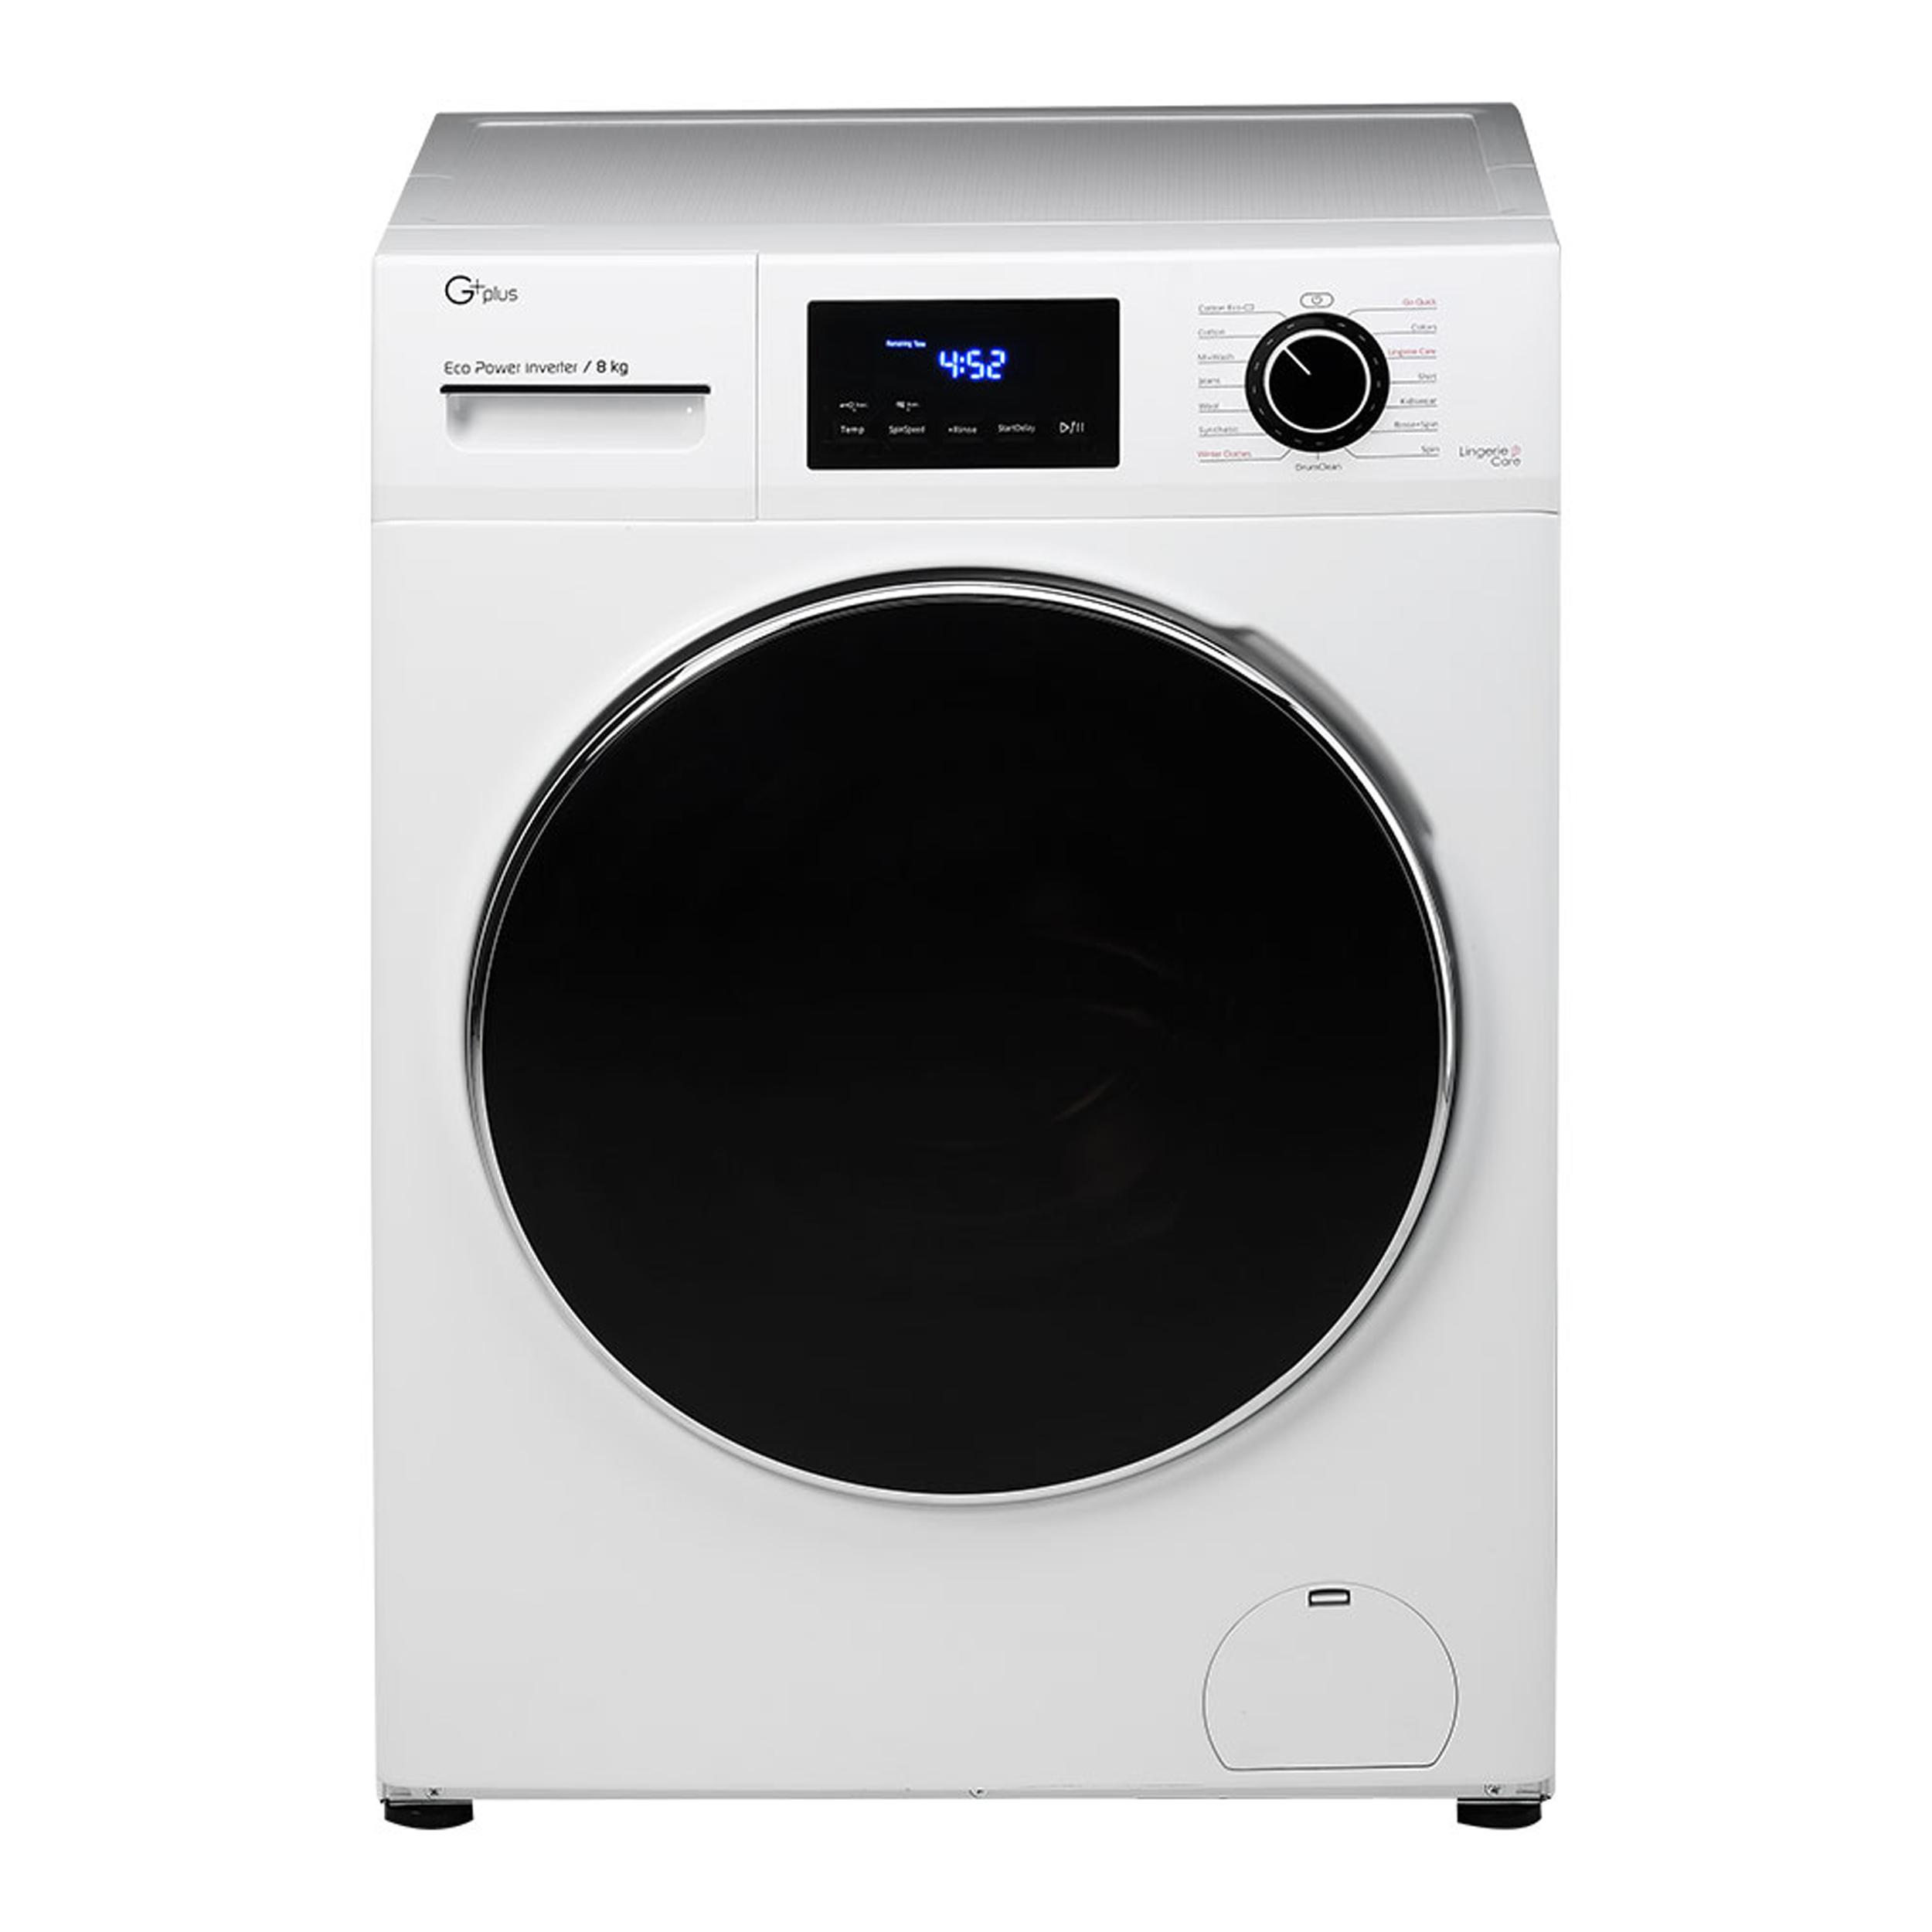 ماشین لباسشویی جی پلاس مدل J8470W ظرفیت 8 کیلوگرم main 1 7